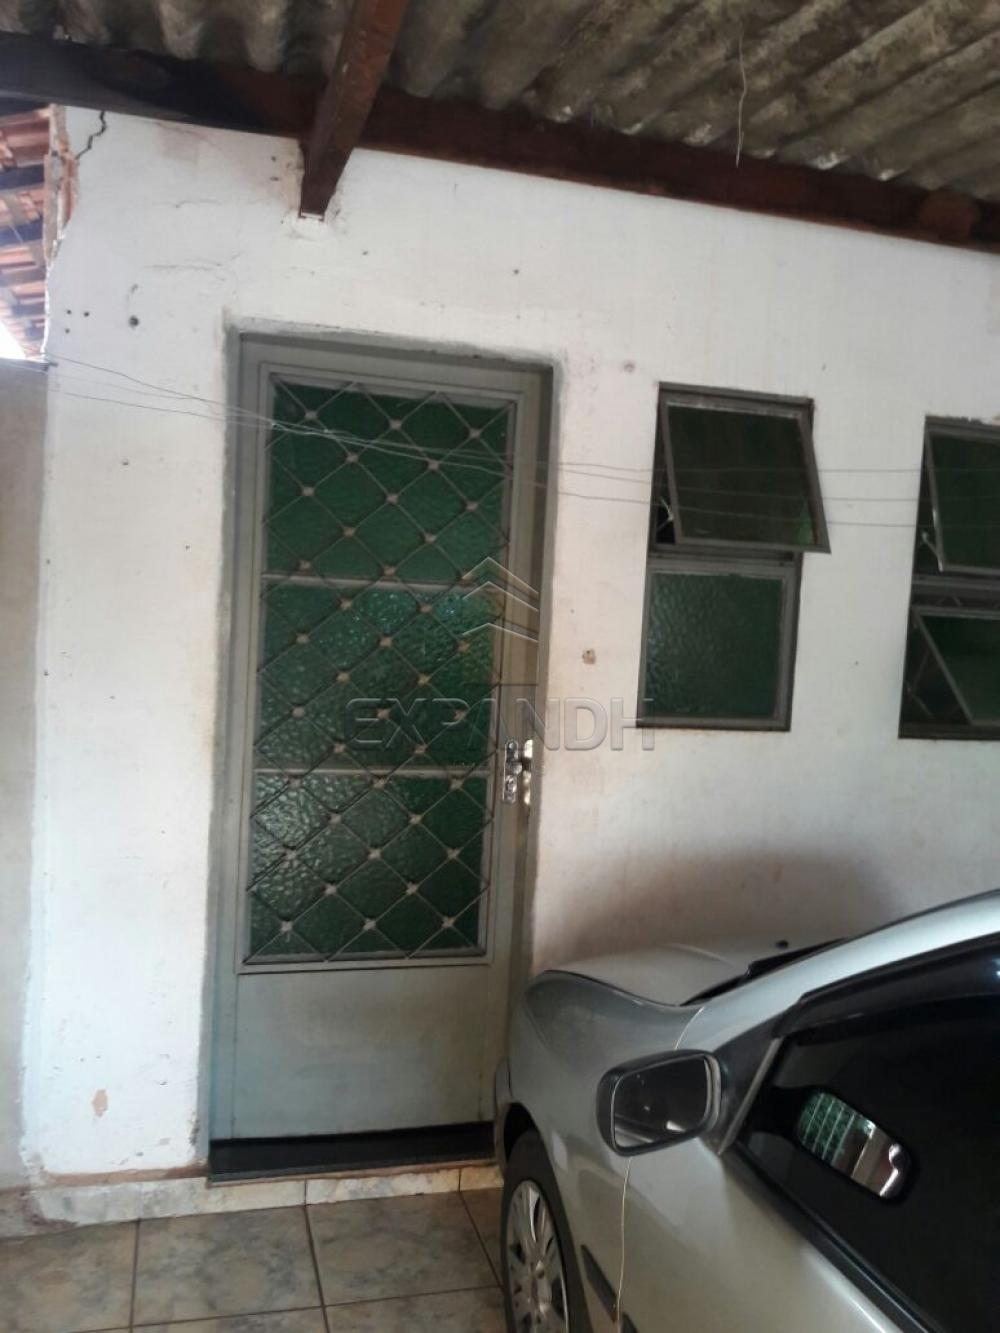 Comprar Casas / Padrão em Sertãozinho apenas R$ 140.000,00 - Foto 12